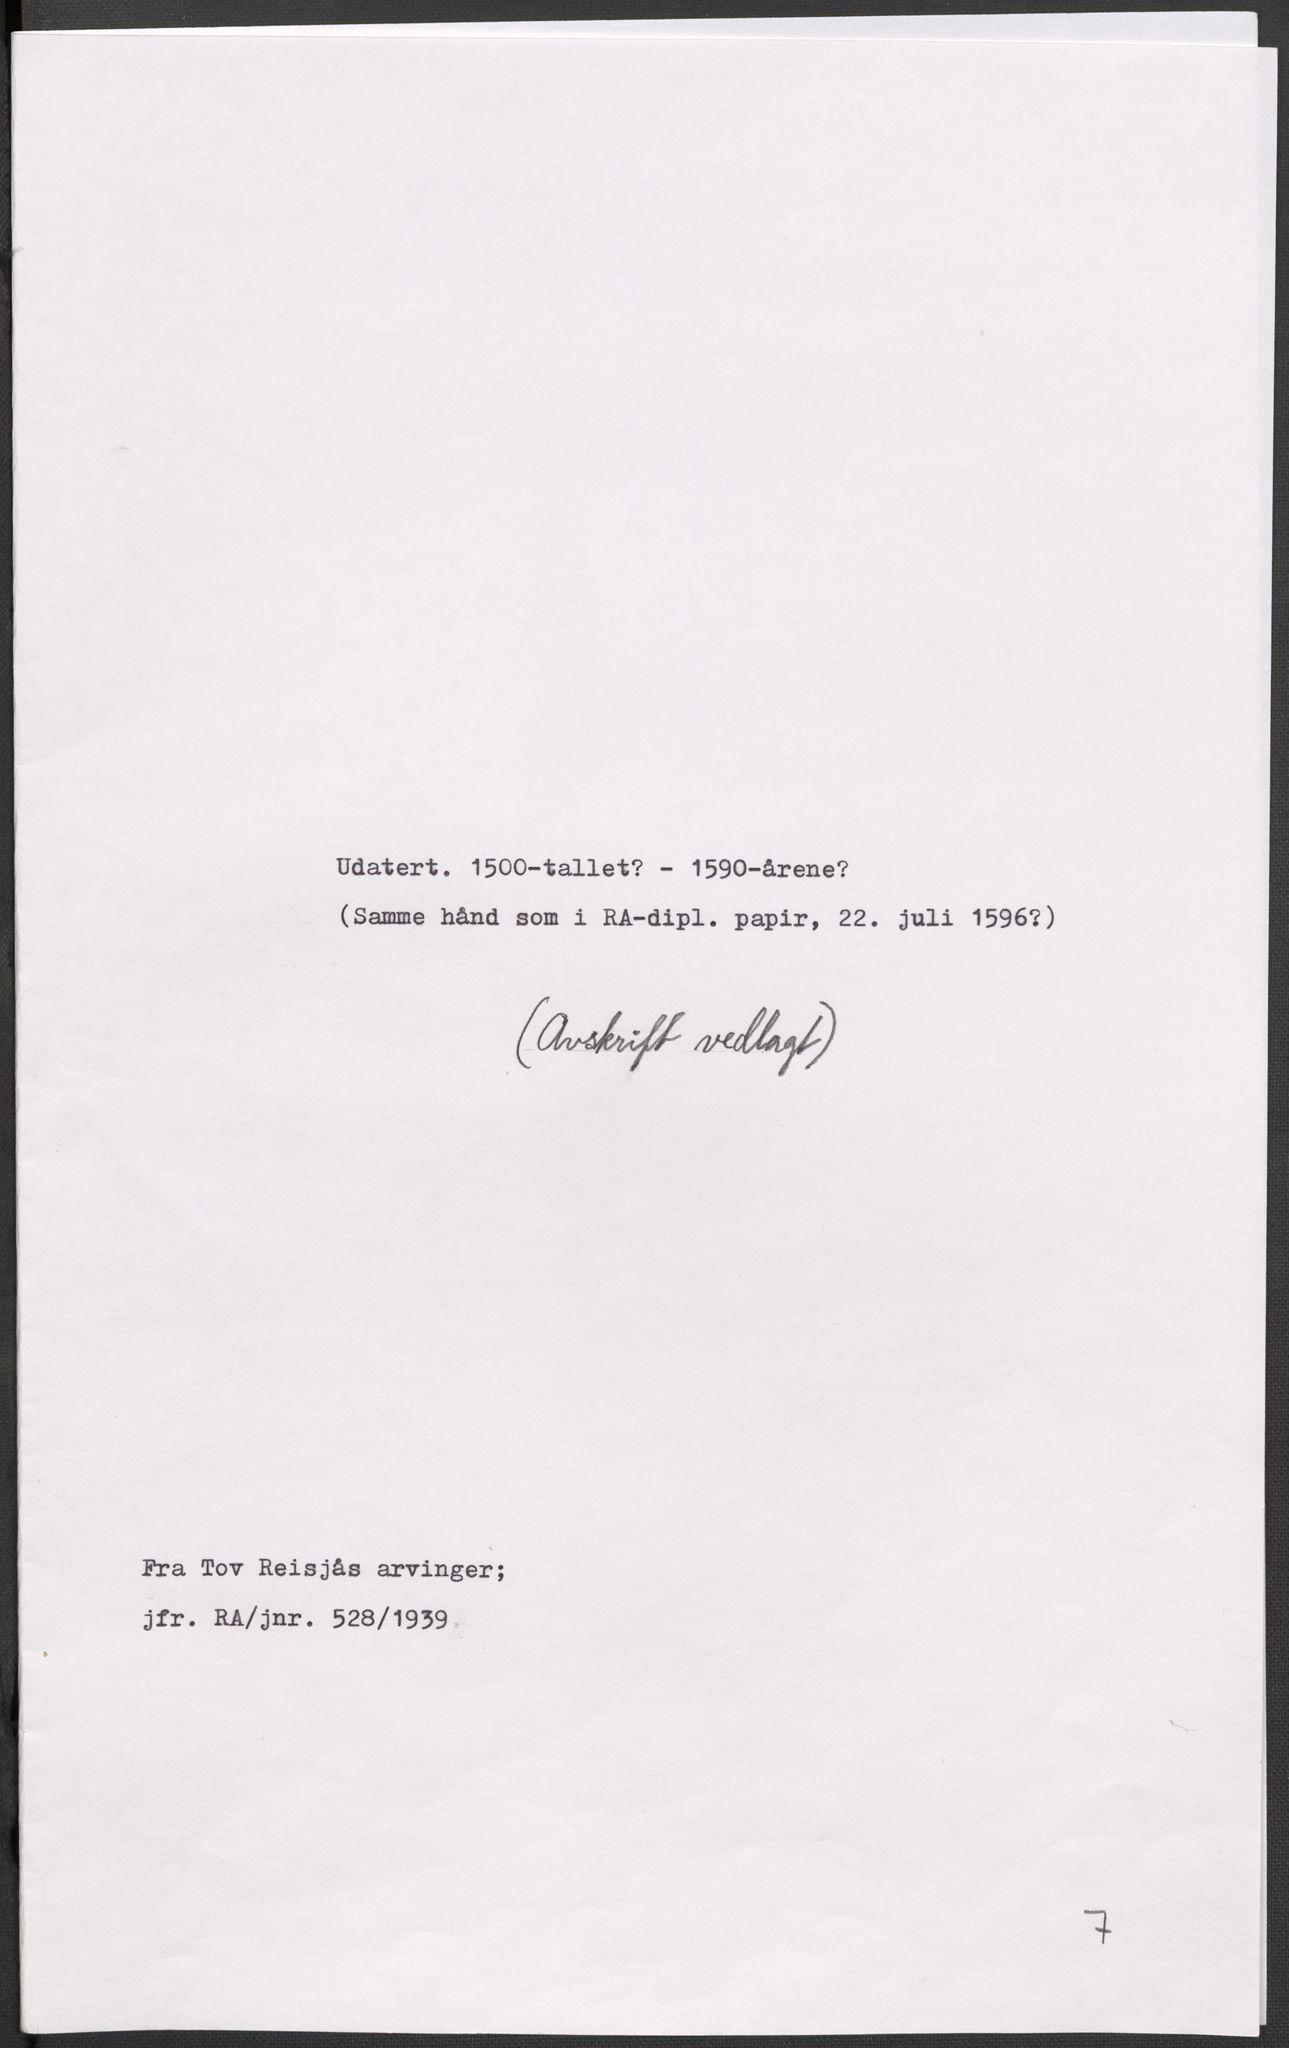 RA, Riksarkivets diplomsamling, F02/L0092: Dokumenter, 1590, s. 58